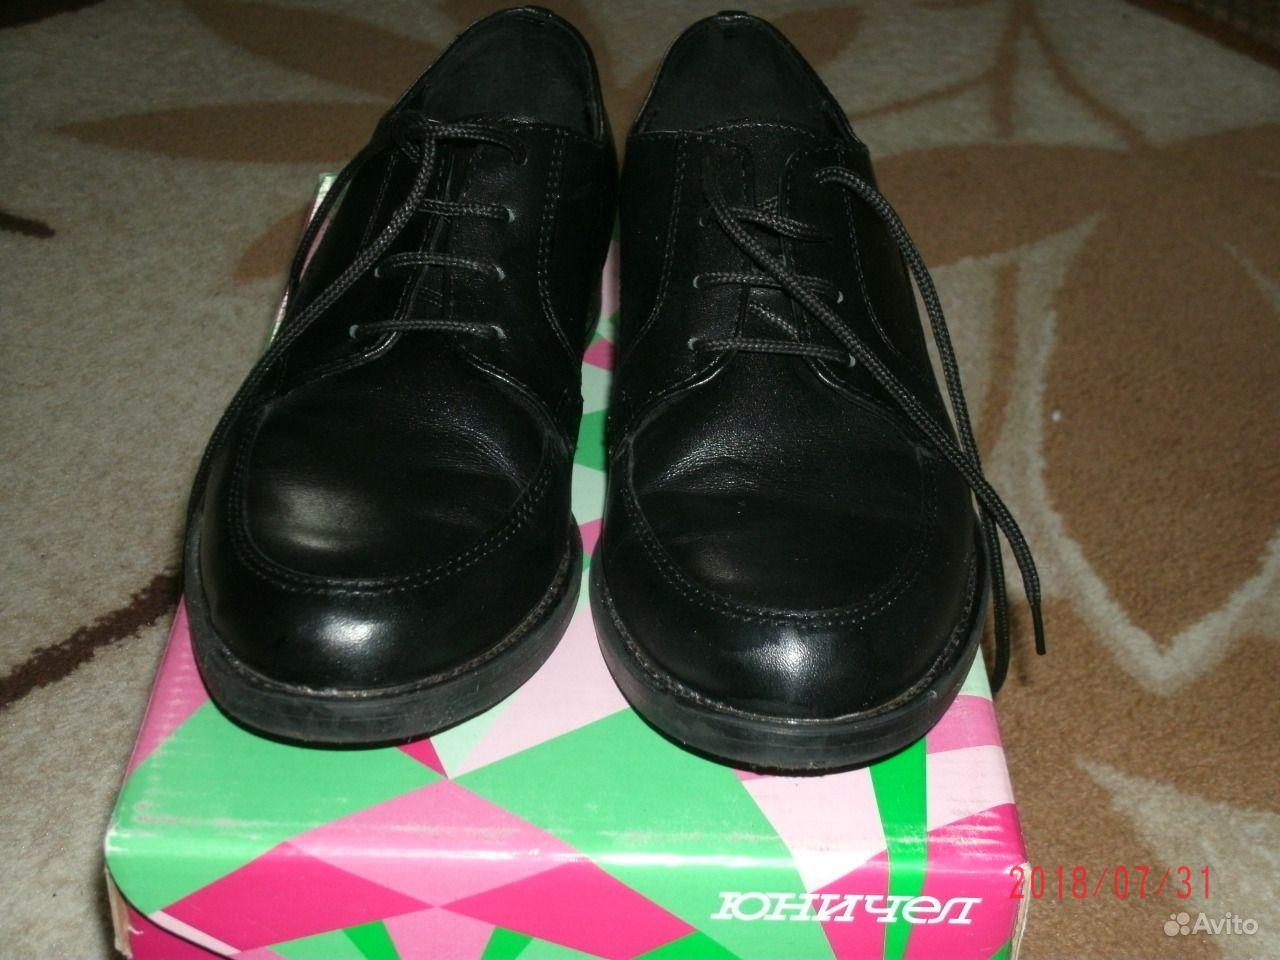 Туфли для мальчика   Festima.Ru - Мониторинг объявлений 66ac98e56d0